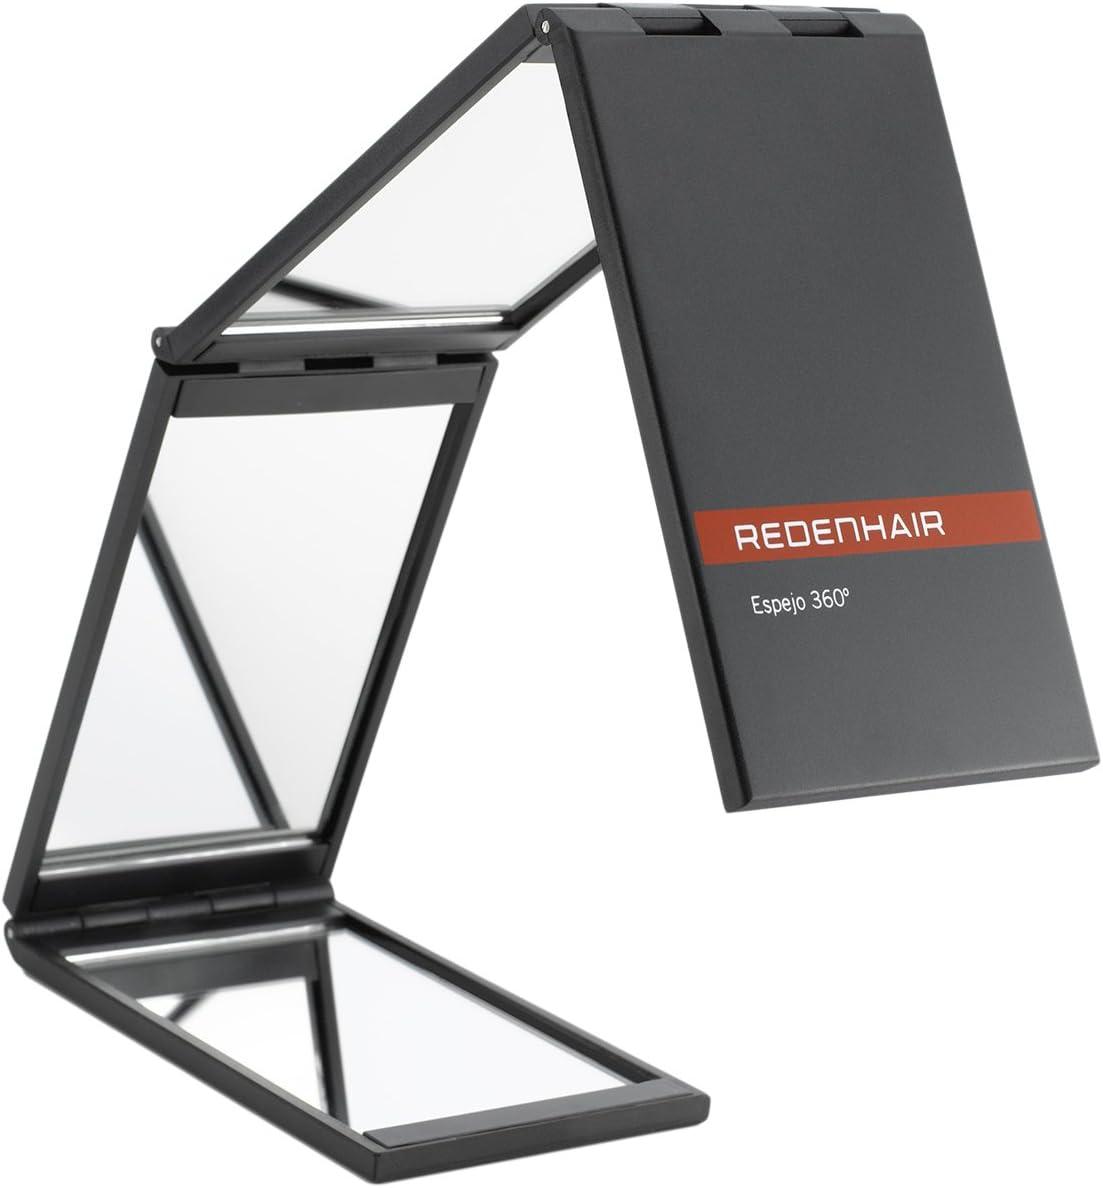 REDENHAIR- Espejo 360º - Espejo Plegable - Espejo para ver toda la cabeza - Espejo de viaje - Medidas: 7x48cm